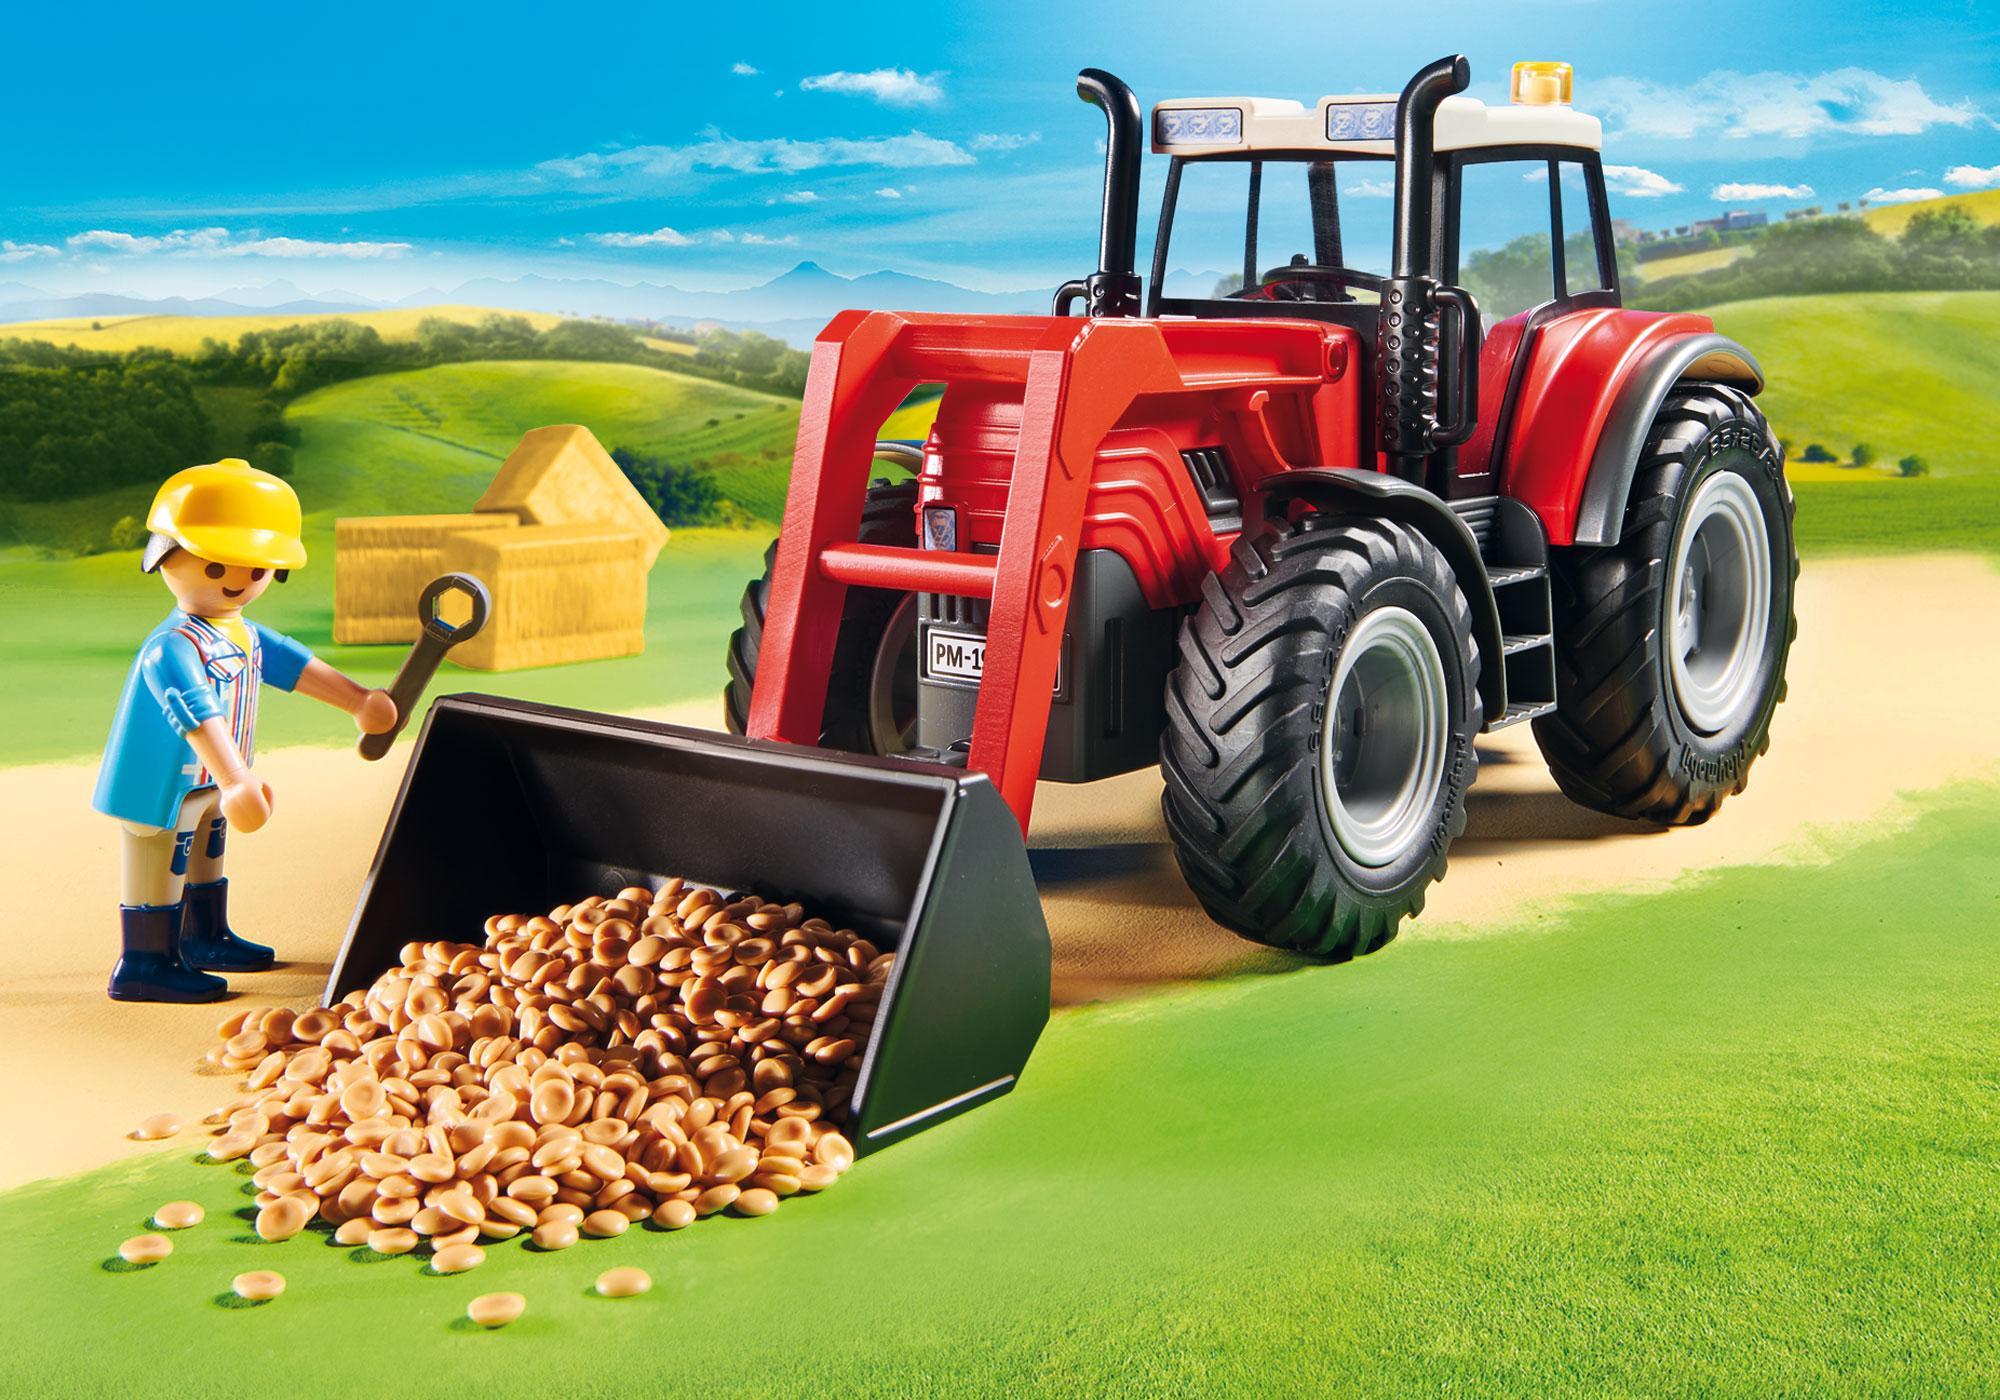 http://media.playmobil.com/i/playmobil/70131_product_extra1/Riesentraktor mit Anhänger